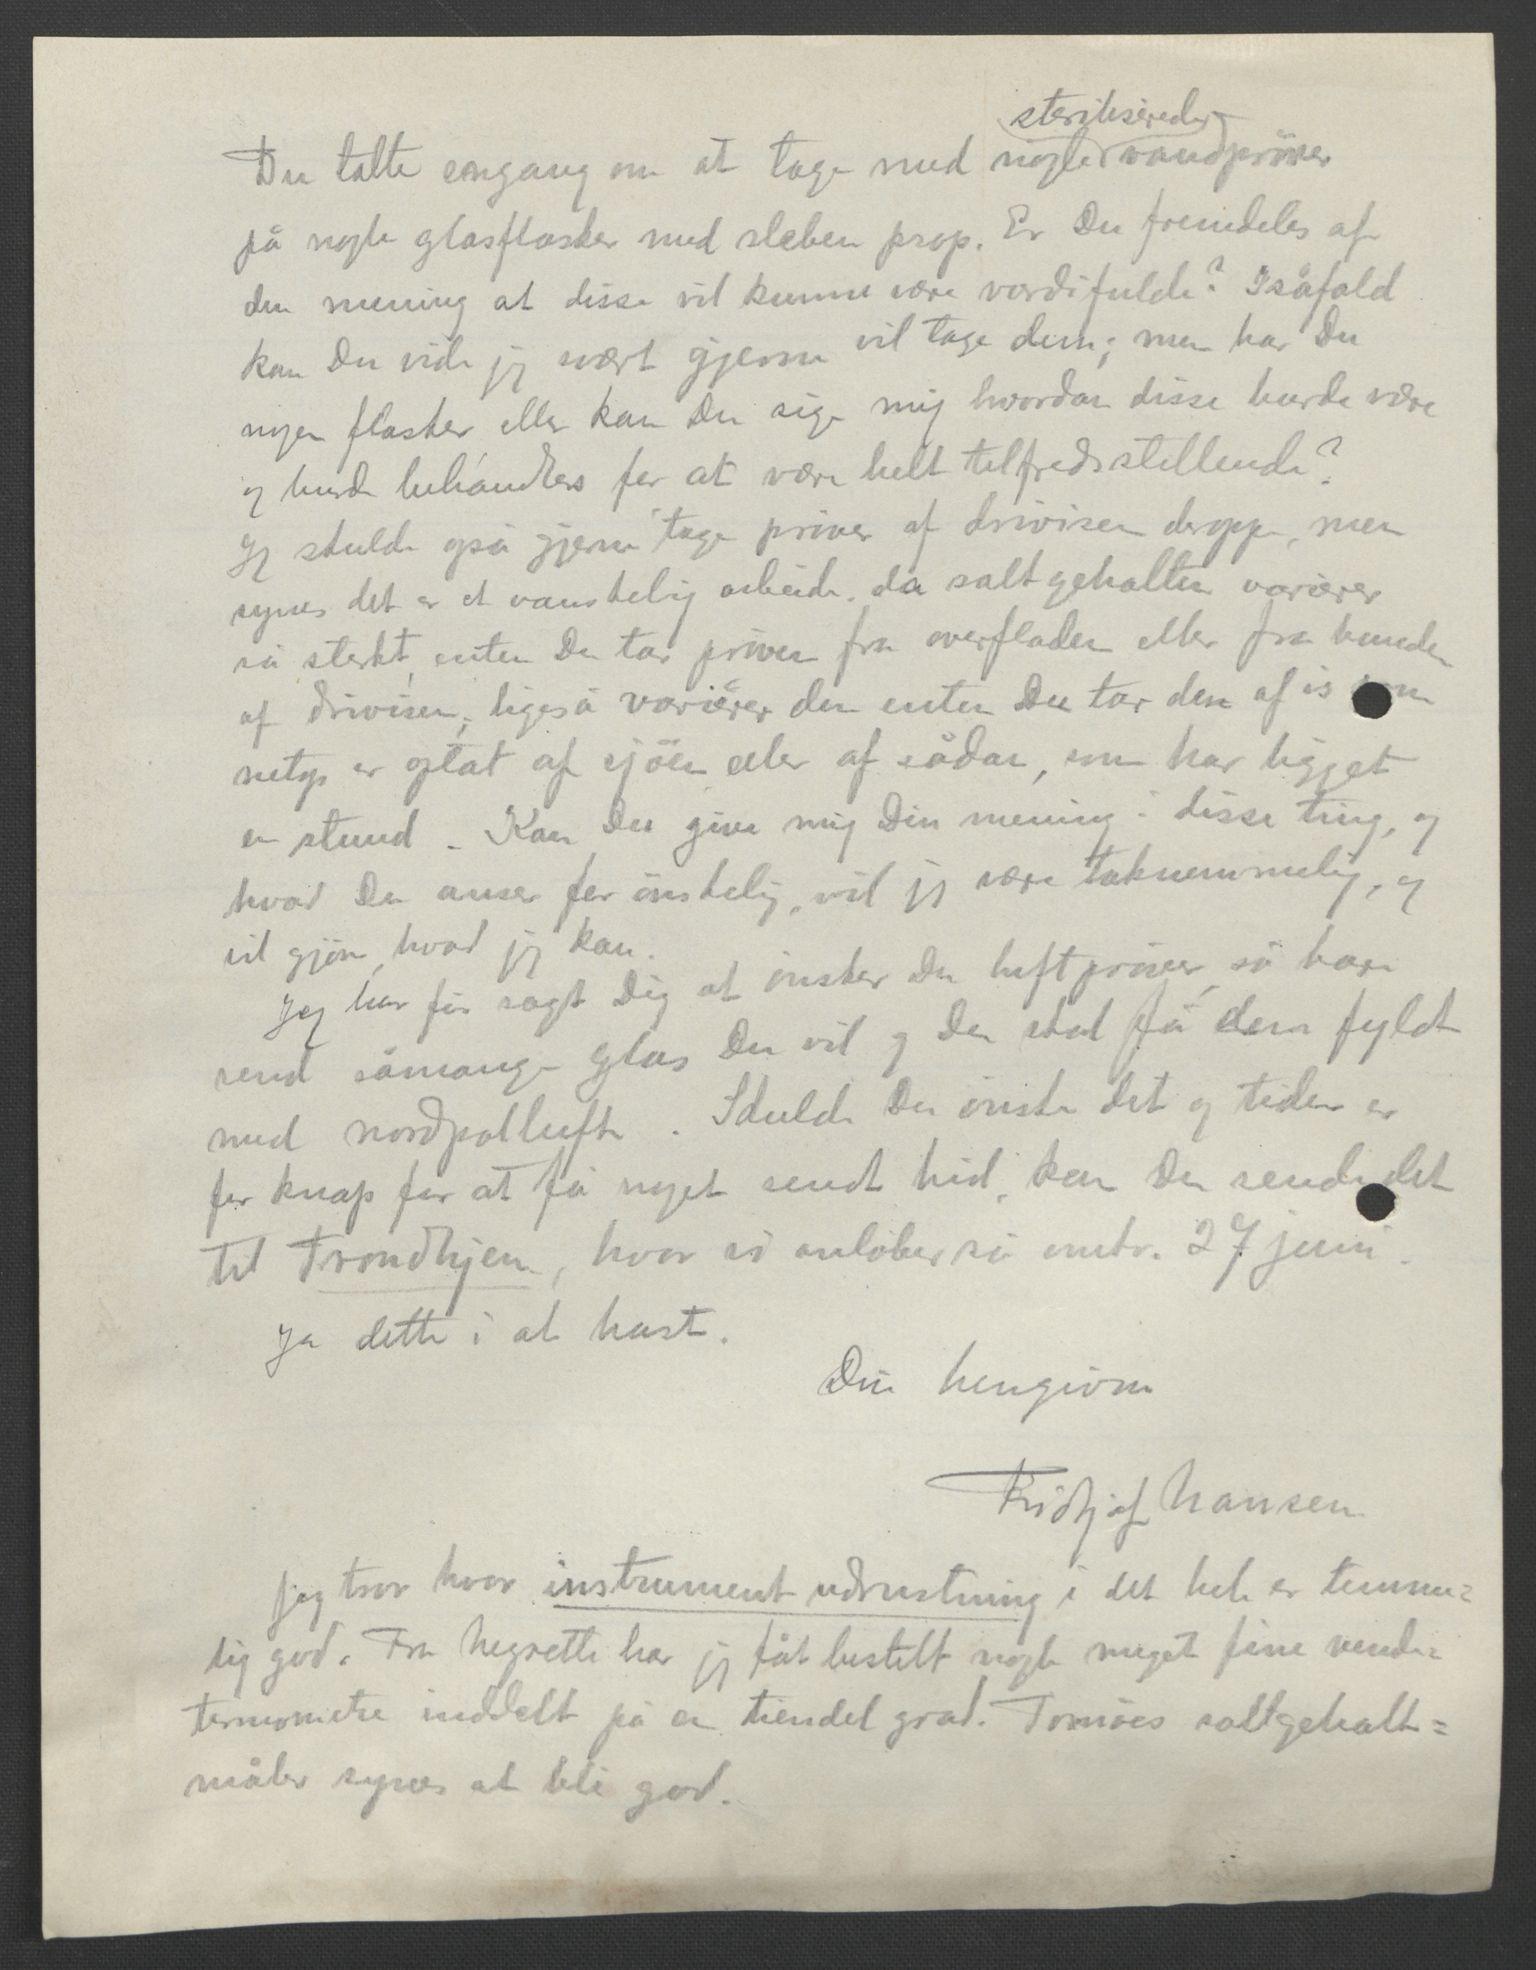 RA, Arbeidskomitéen for Fridtjof Nansens polarekspedisjon, D/L0003: Innk. brev og telegrammer vedr. proviant og utrustning, 1893, s. 317